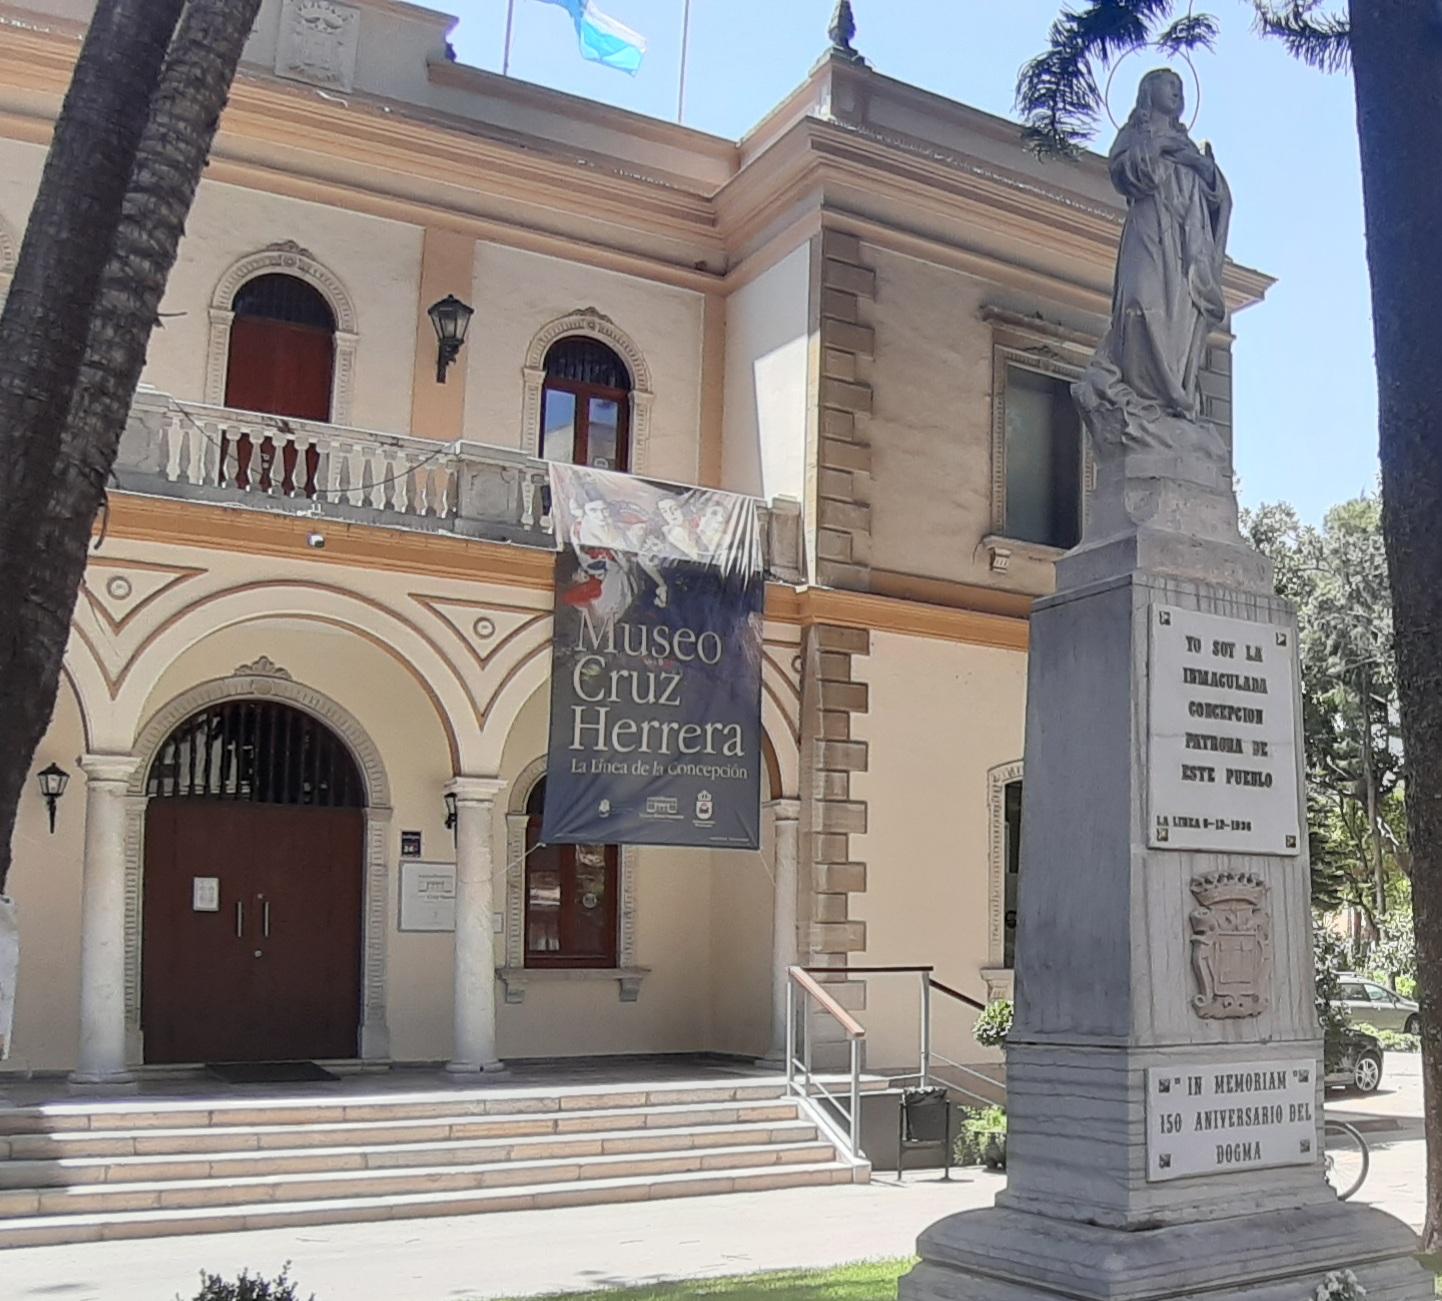 Museo C Herrera